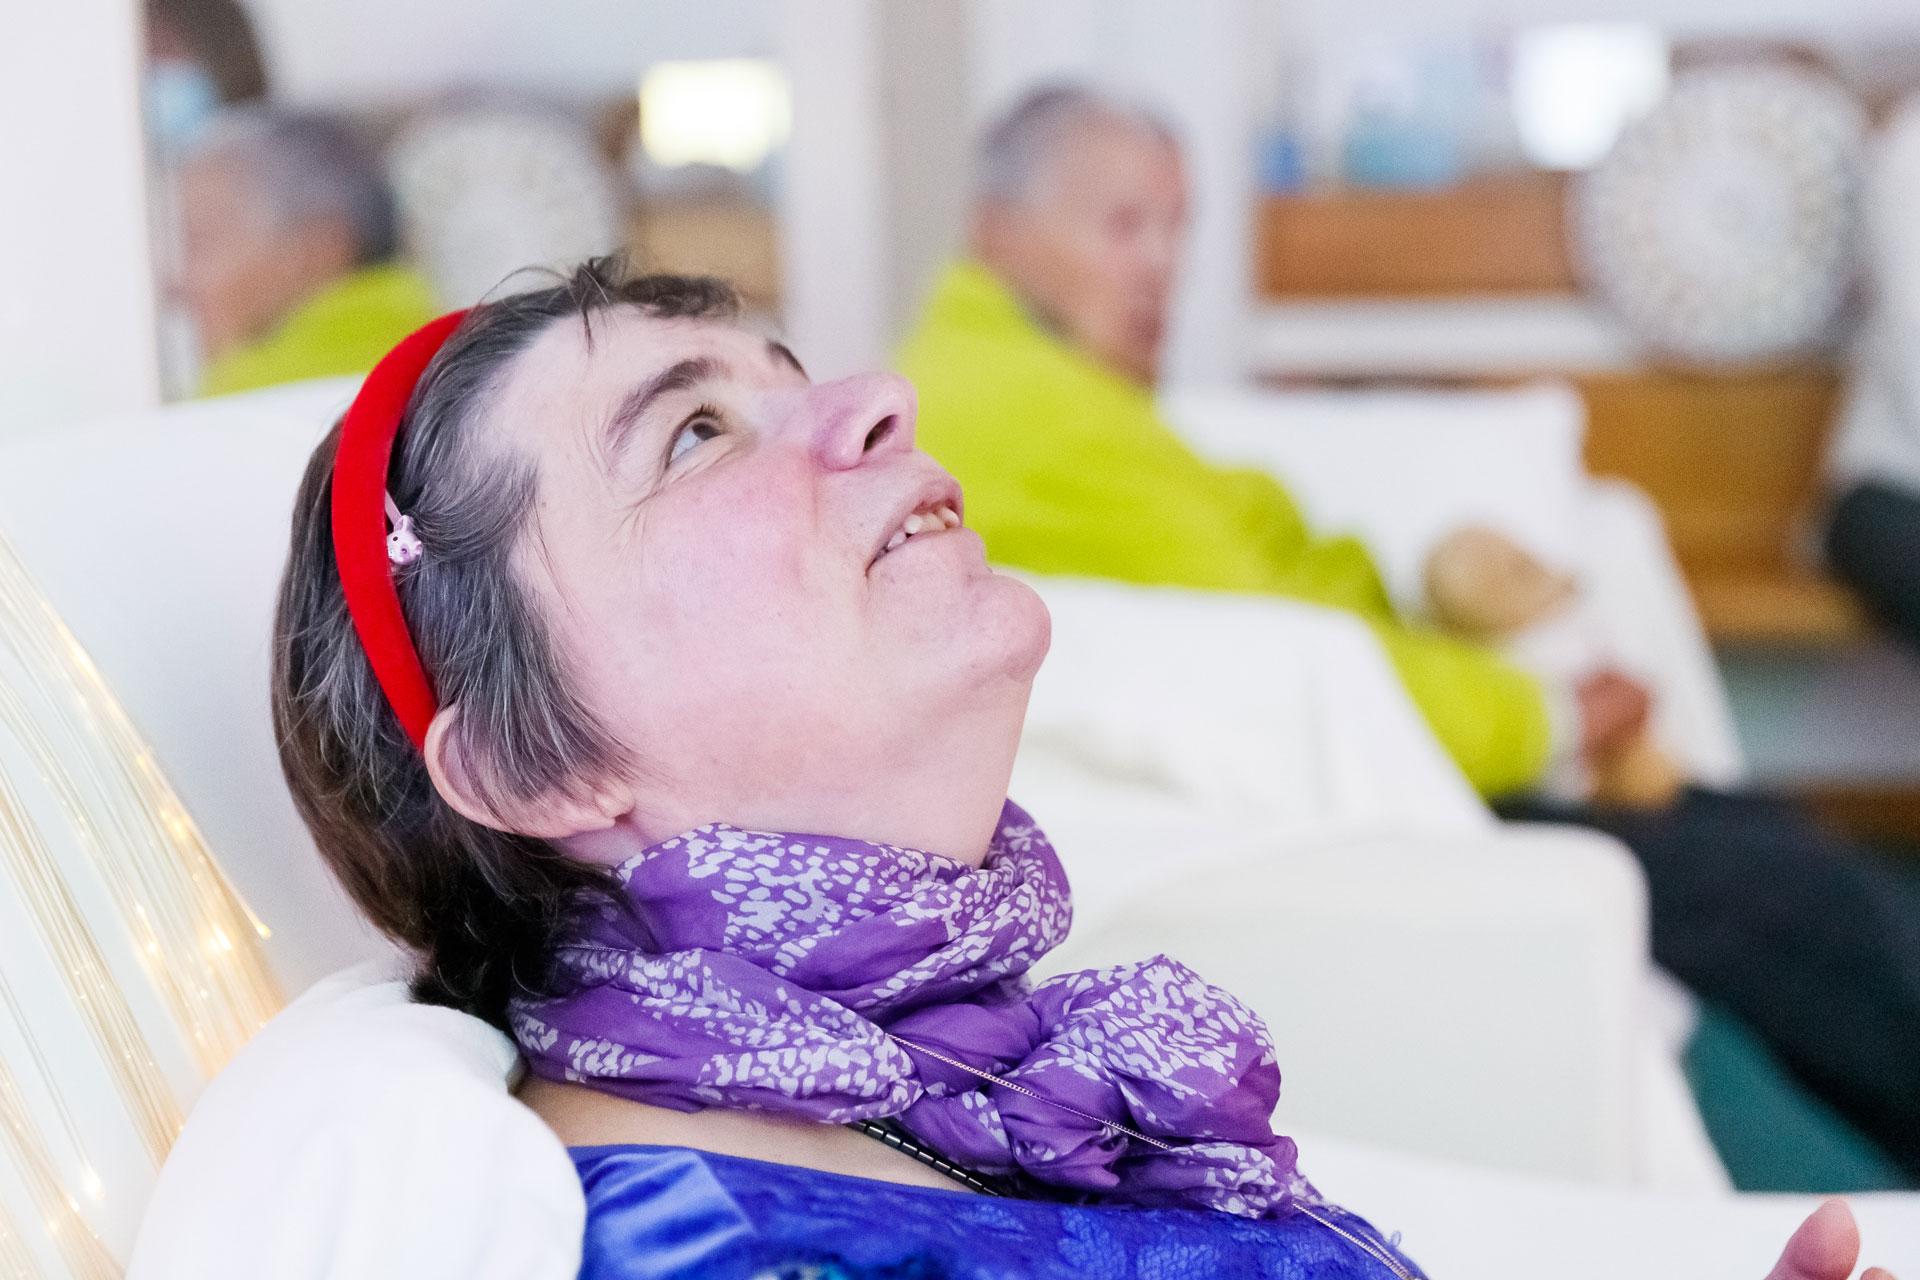 Eine Frau mit geistiger Behinderung schaut an die Decke, ausgestreckt auf einem Schaukelstuhl. Im Hintergrund sehen wir eine weitere Frau auf einem Sofa sitzen